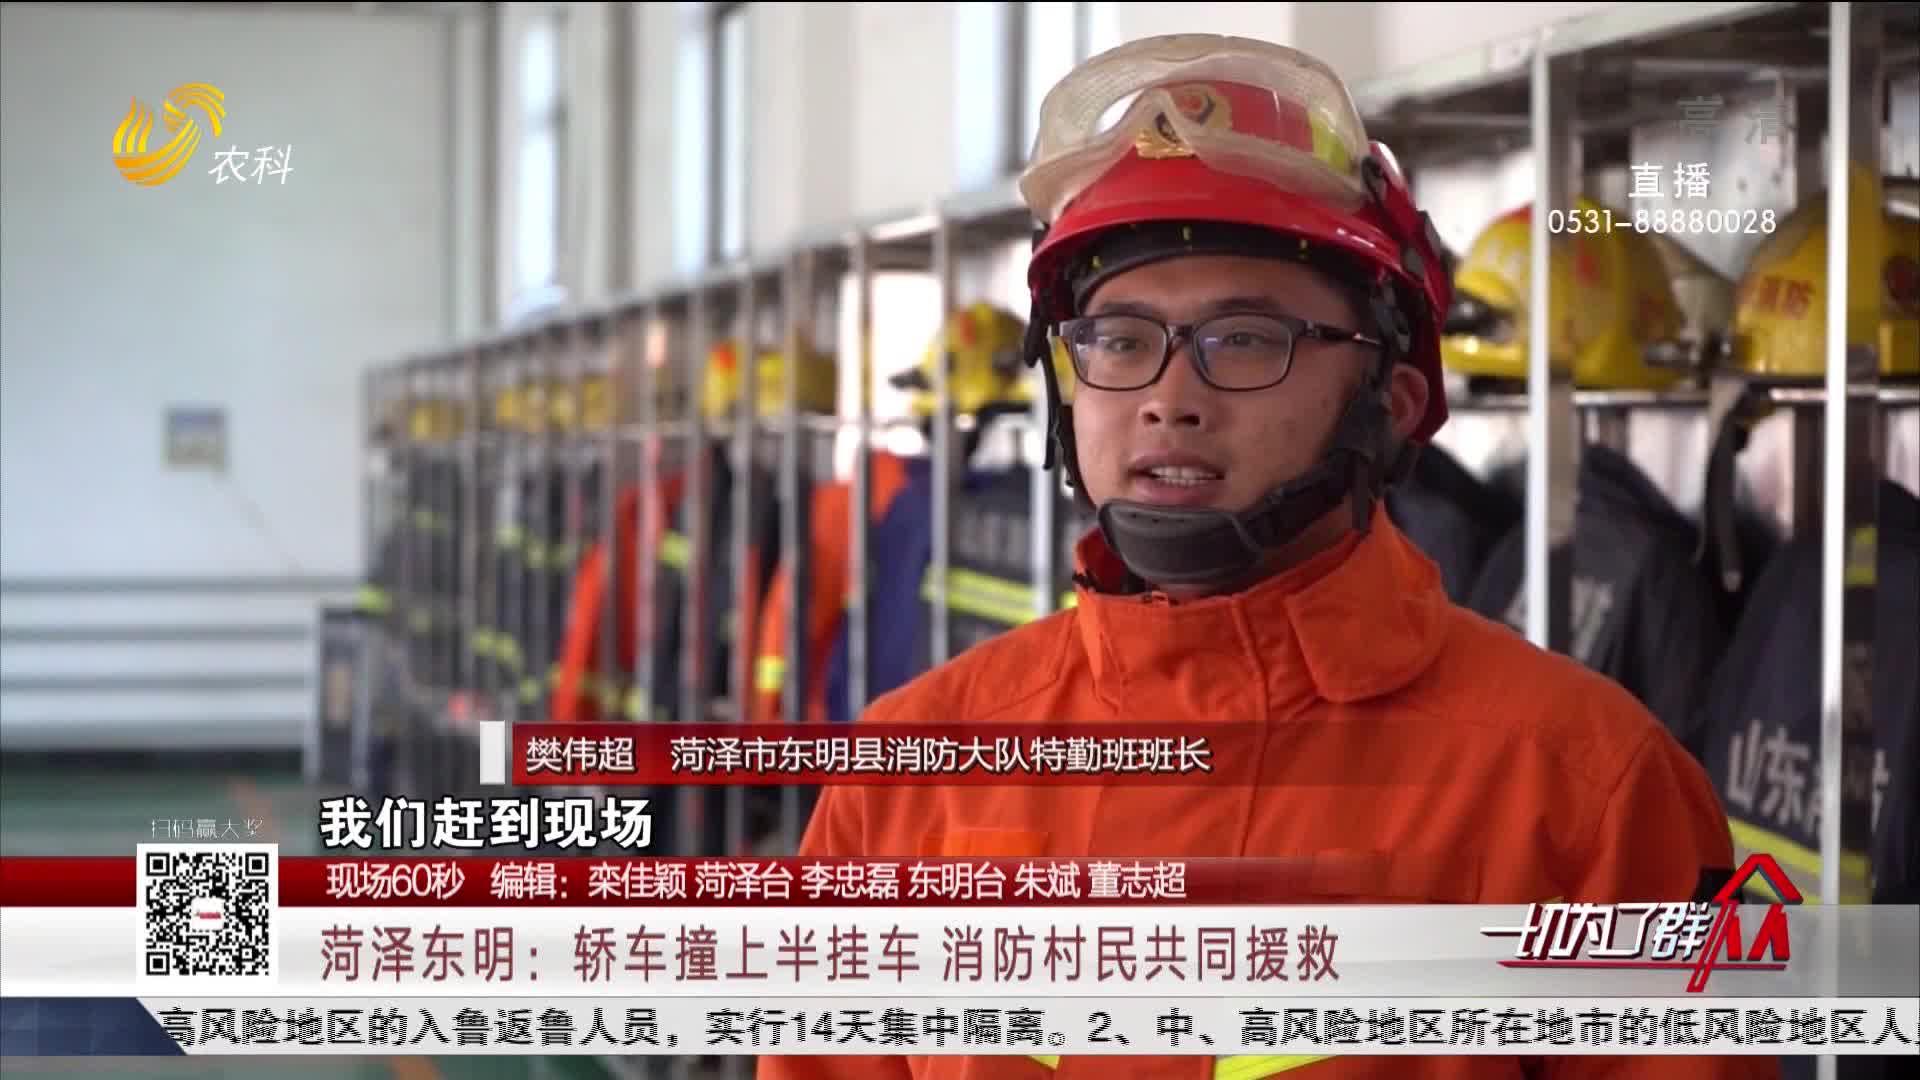 【现场60秒】菏泽东明:轿车撞上半挂车 消防村民共同援救